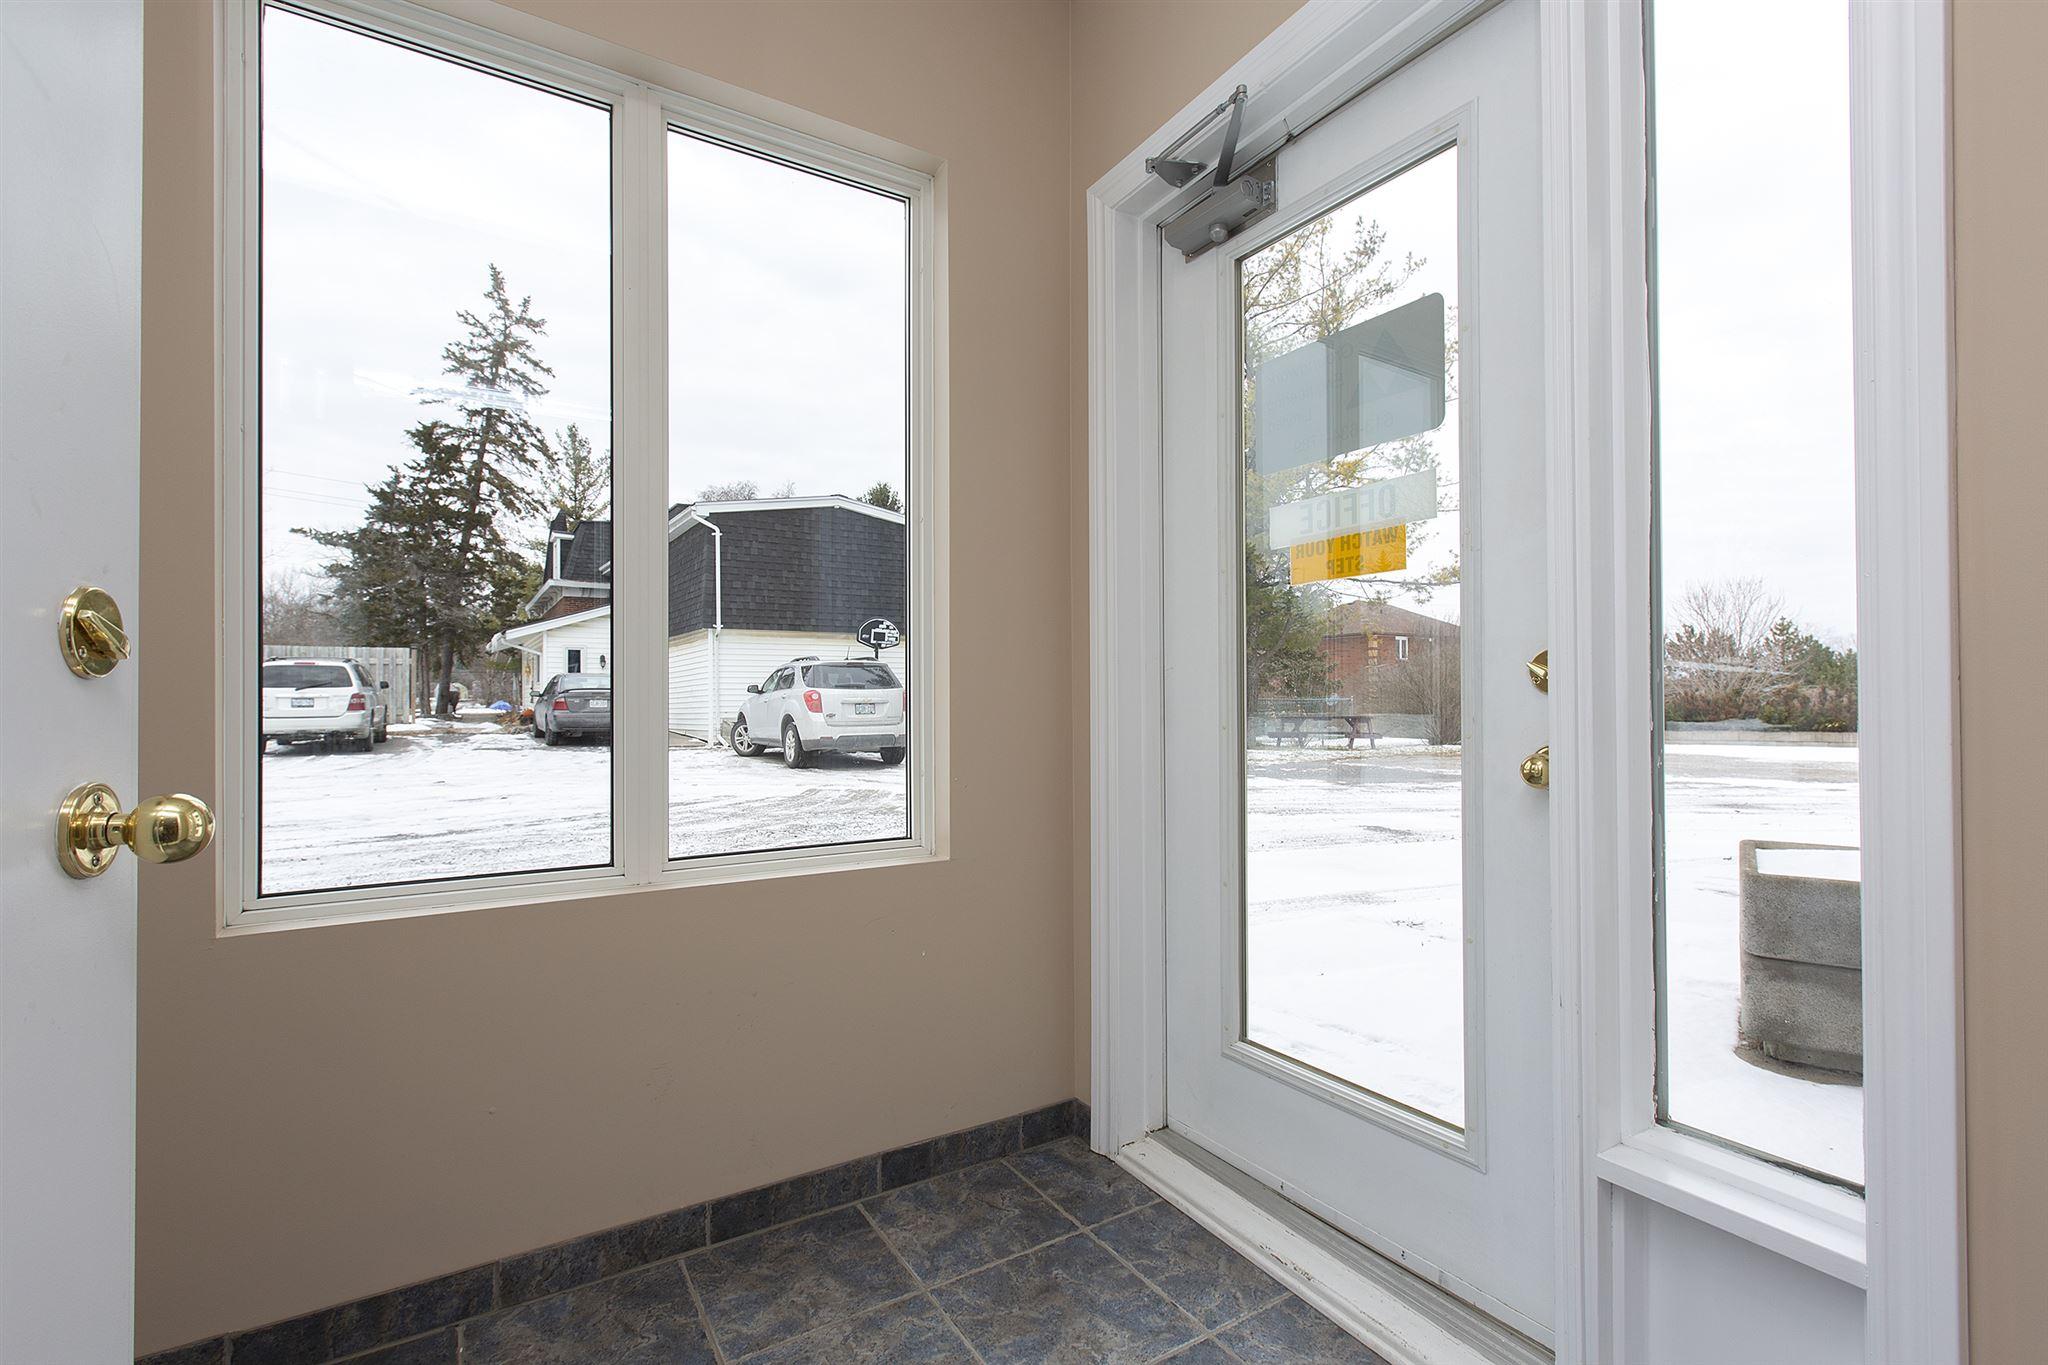 3441/3443 Princess Street, Kingston, Ontario (ID K19007615)